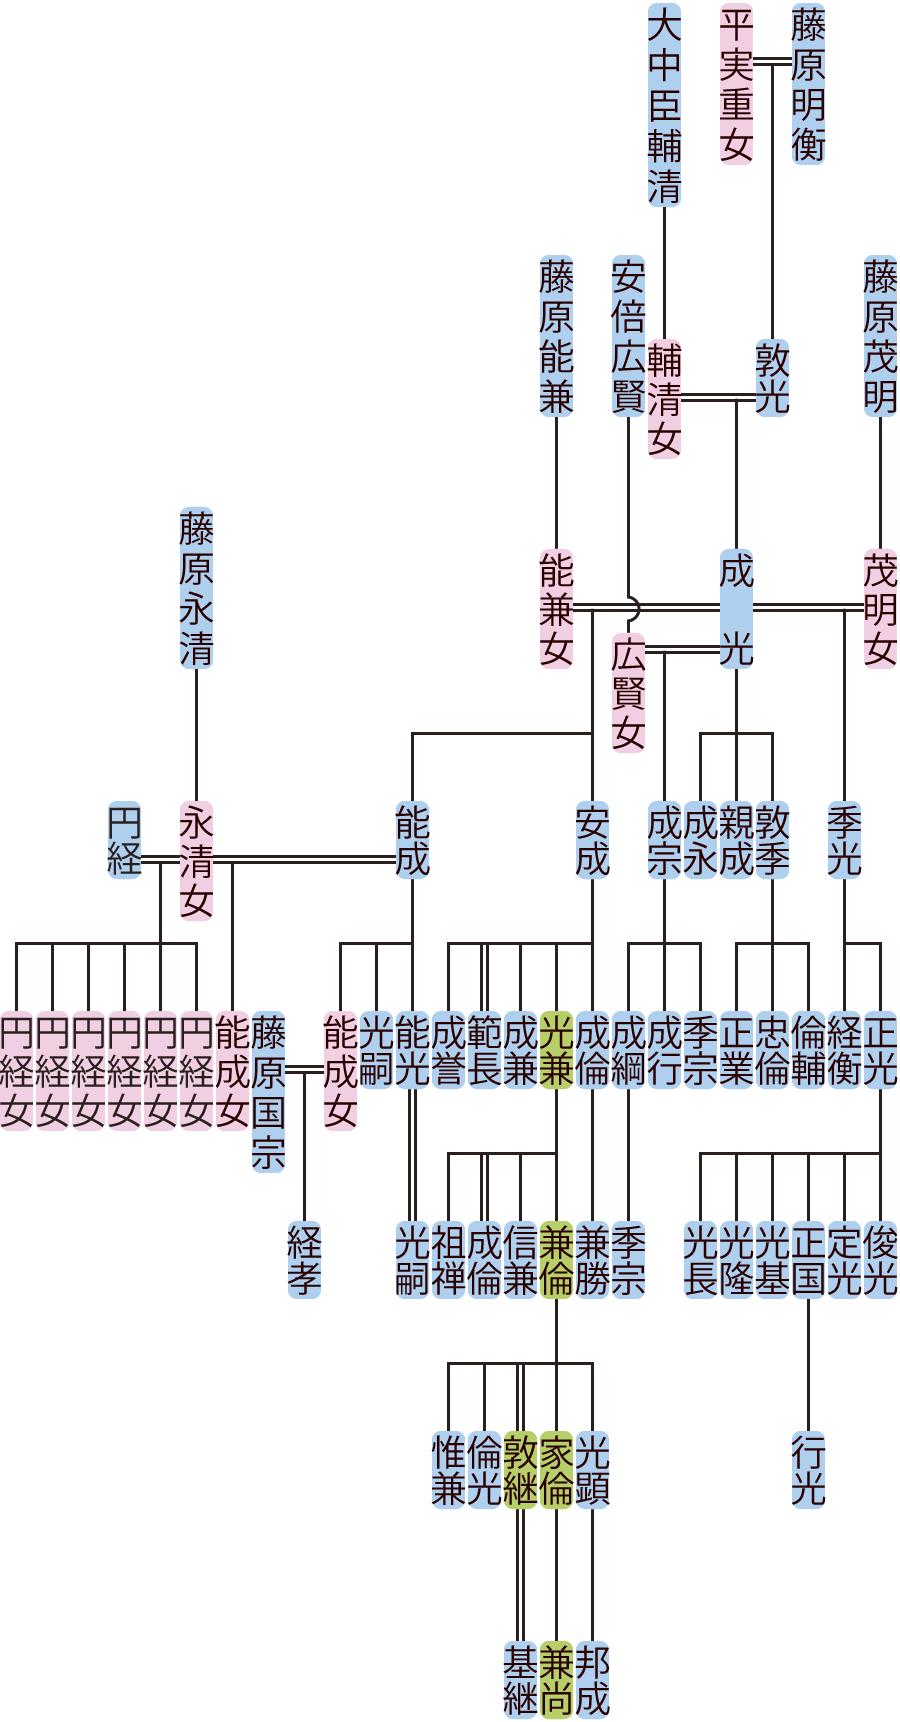 藤原成光の系図